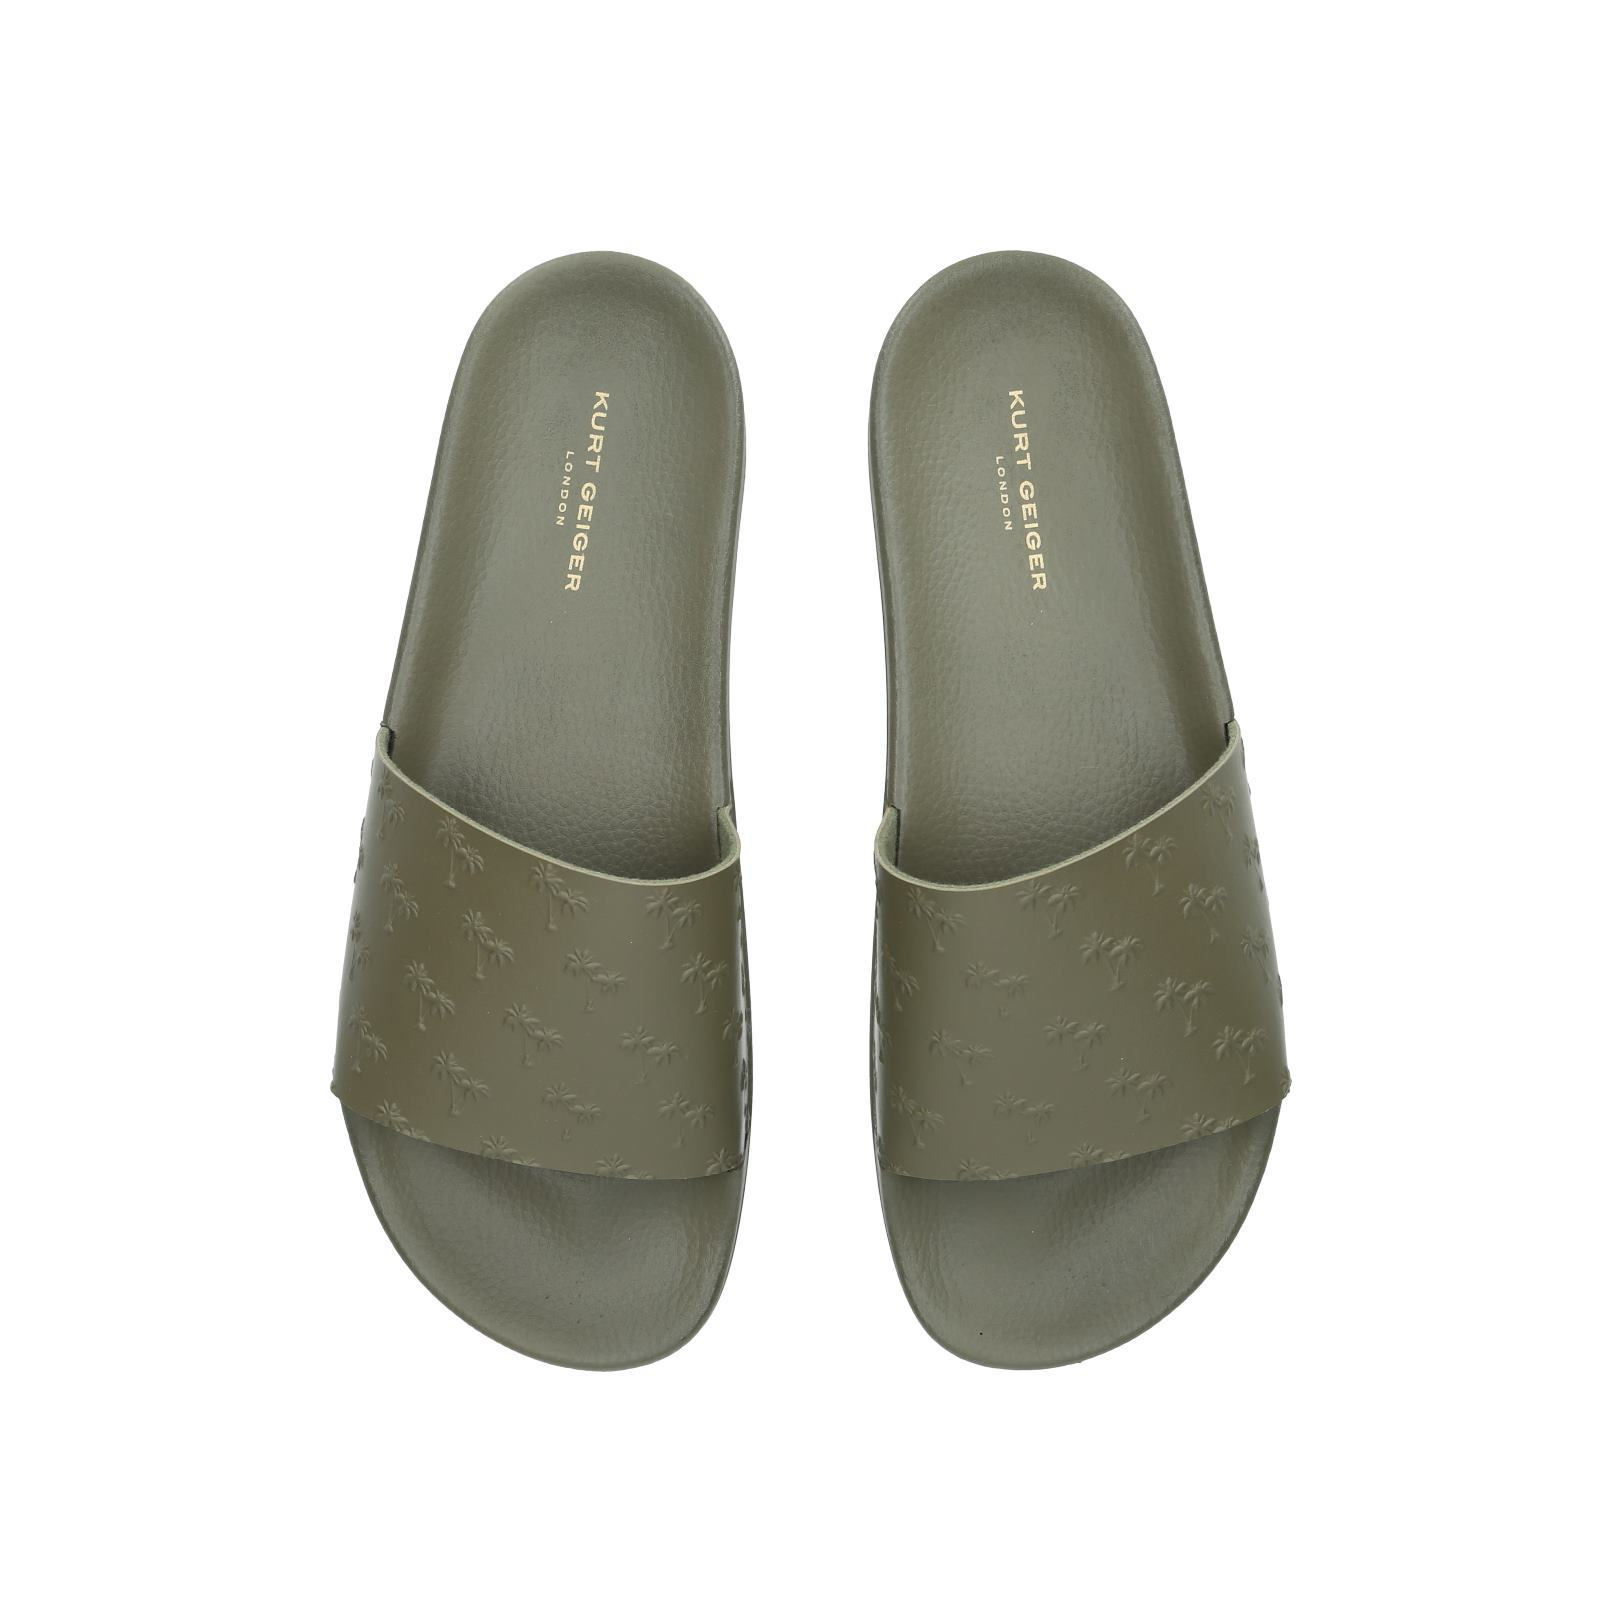 3b8032eb81f2 WAIKATO PALM Waikato Palm Sandals Kurt Geiger London Khaki by KURT ...